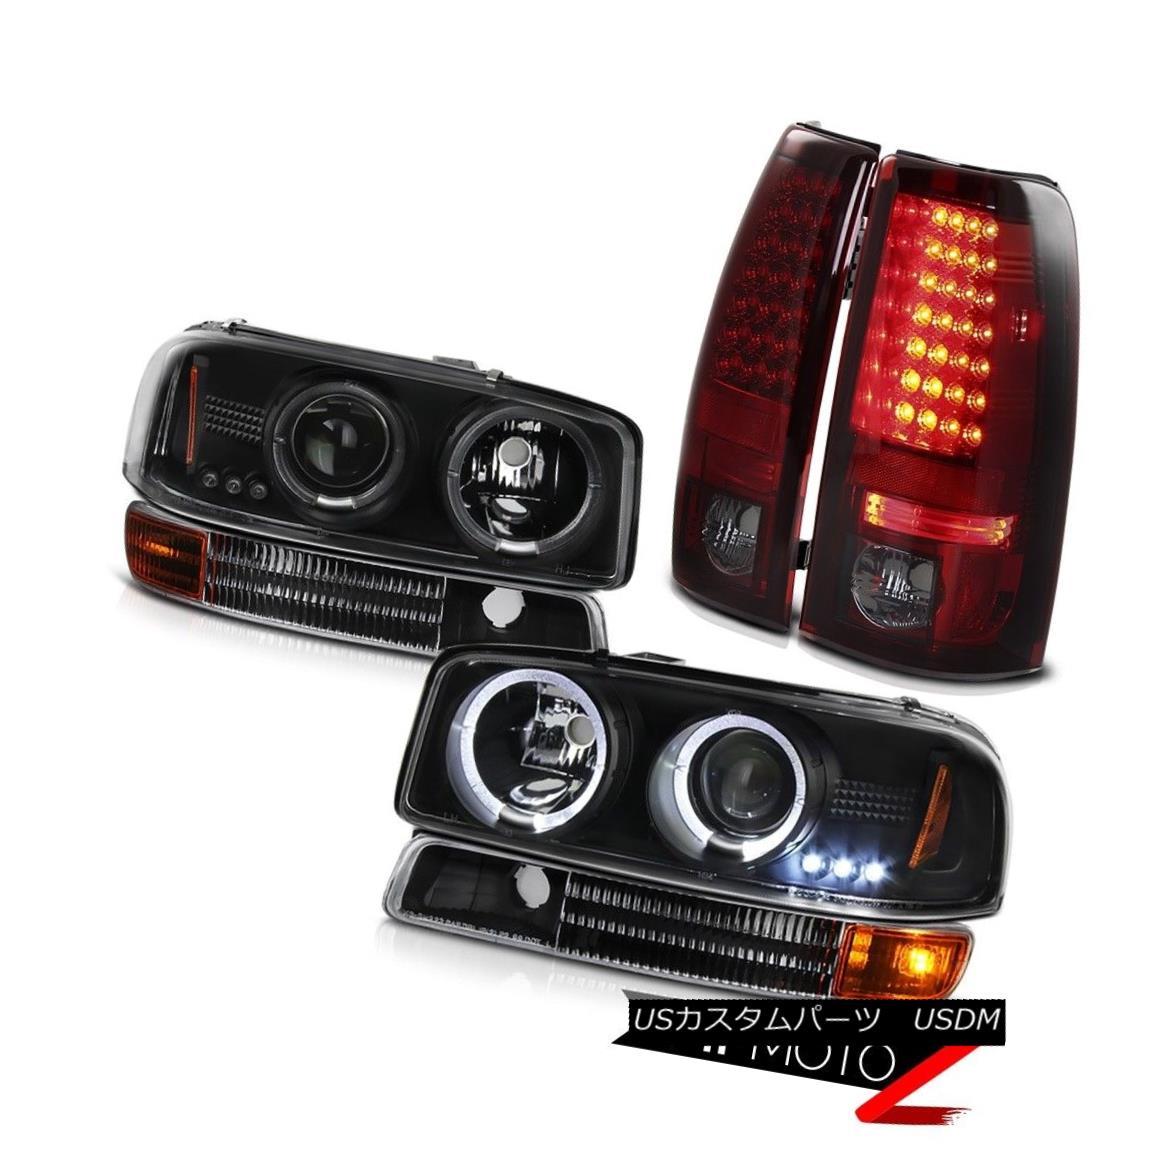 テールライト 04-06 Sierra 6.0L V8 DRL LED Projector Headlights Bumper SMD Rear Tail Lamps 04-06 Sierra 6.0L V8 DRL LEDプロジェクターヘッドライトバンパーSMDリアテールランプ